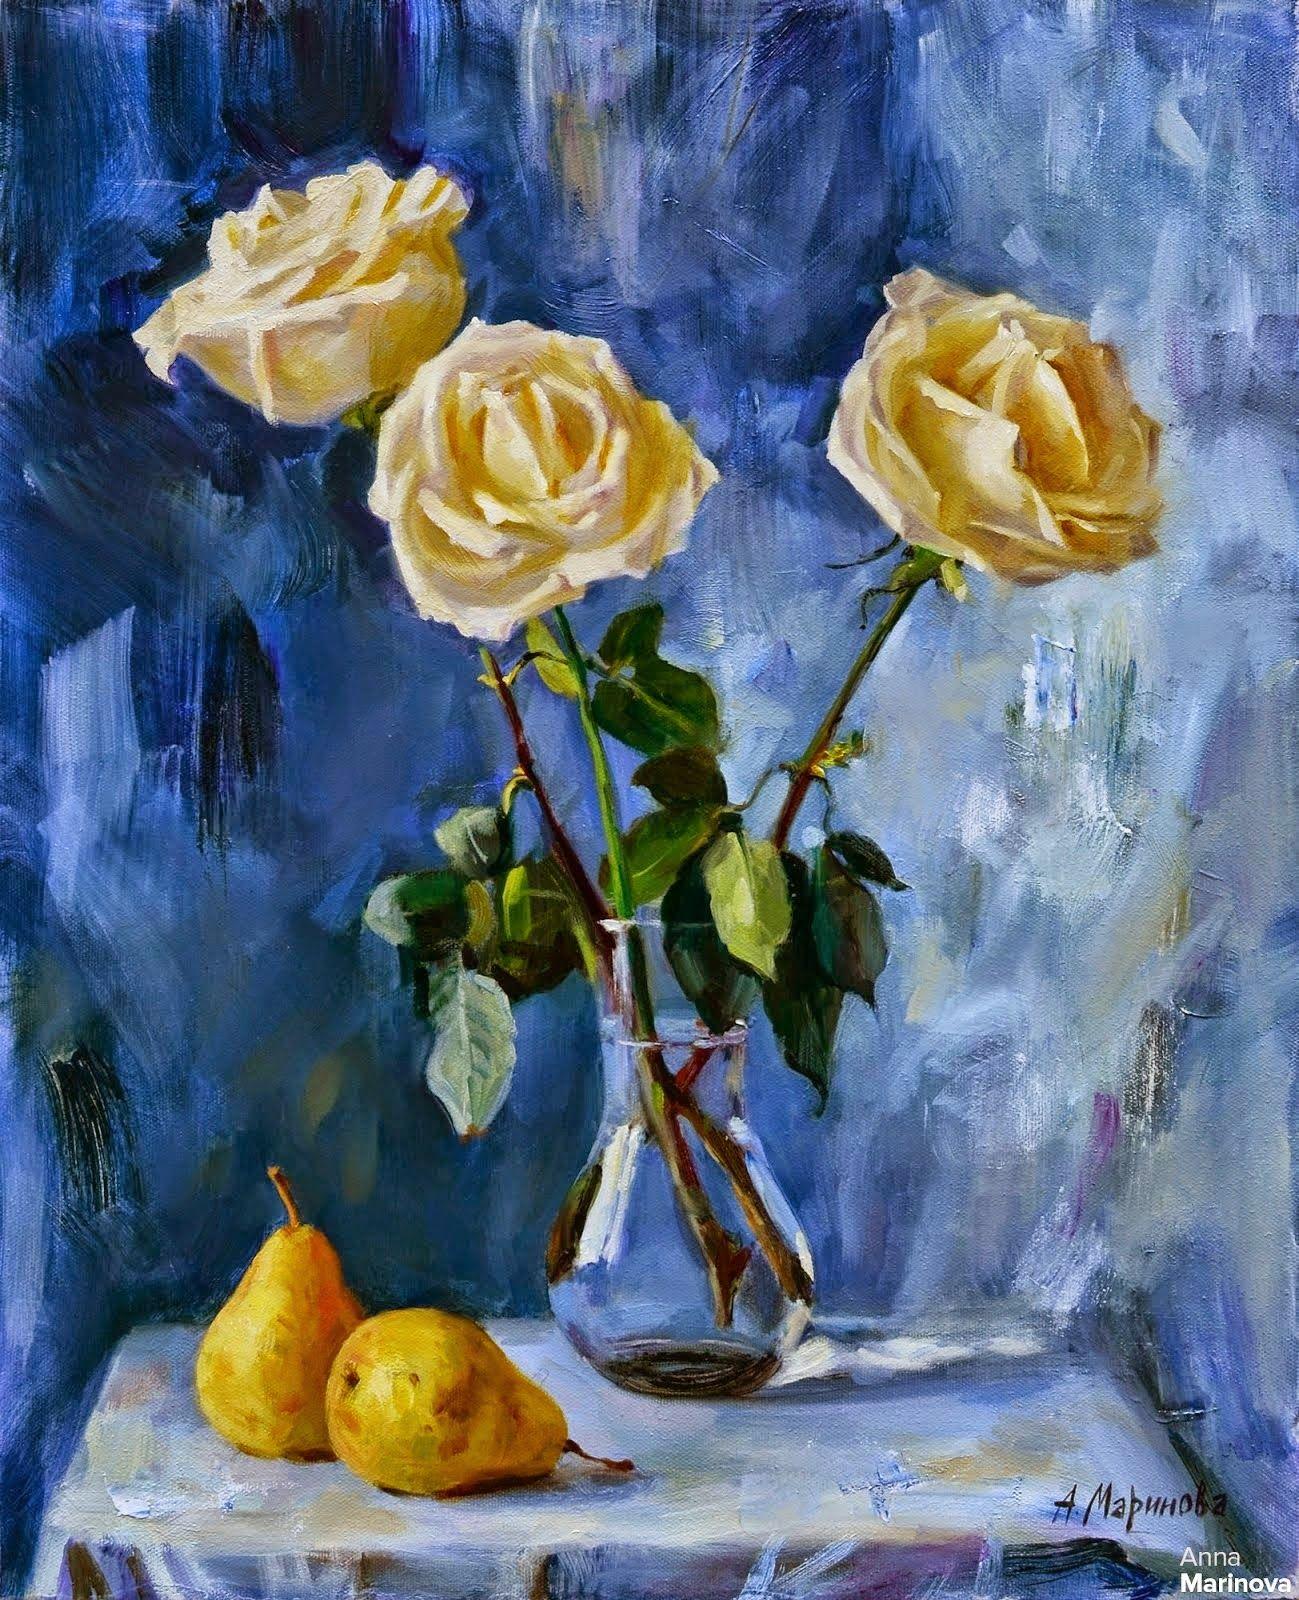 Por amor al arte: Anna Marinova